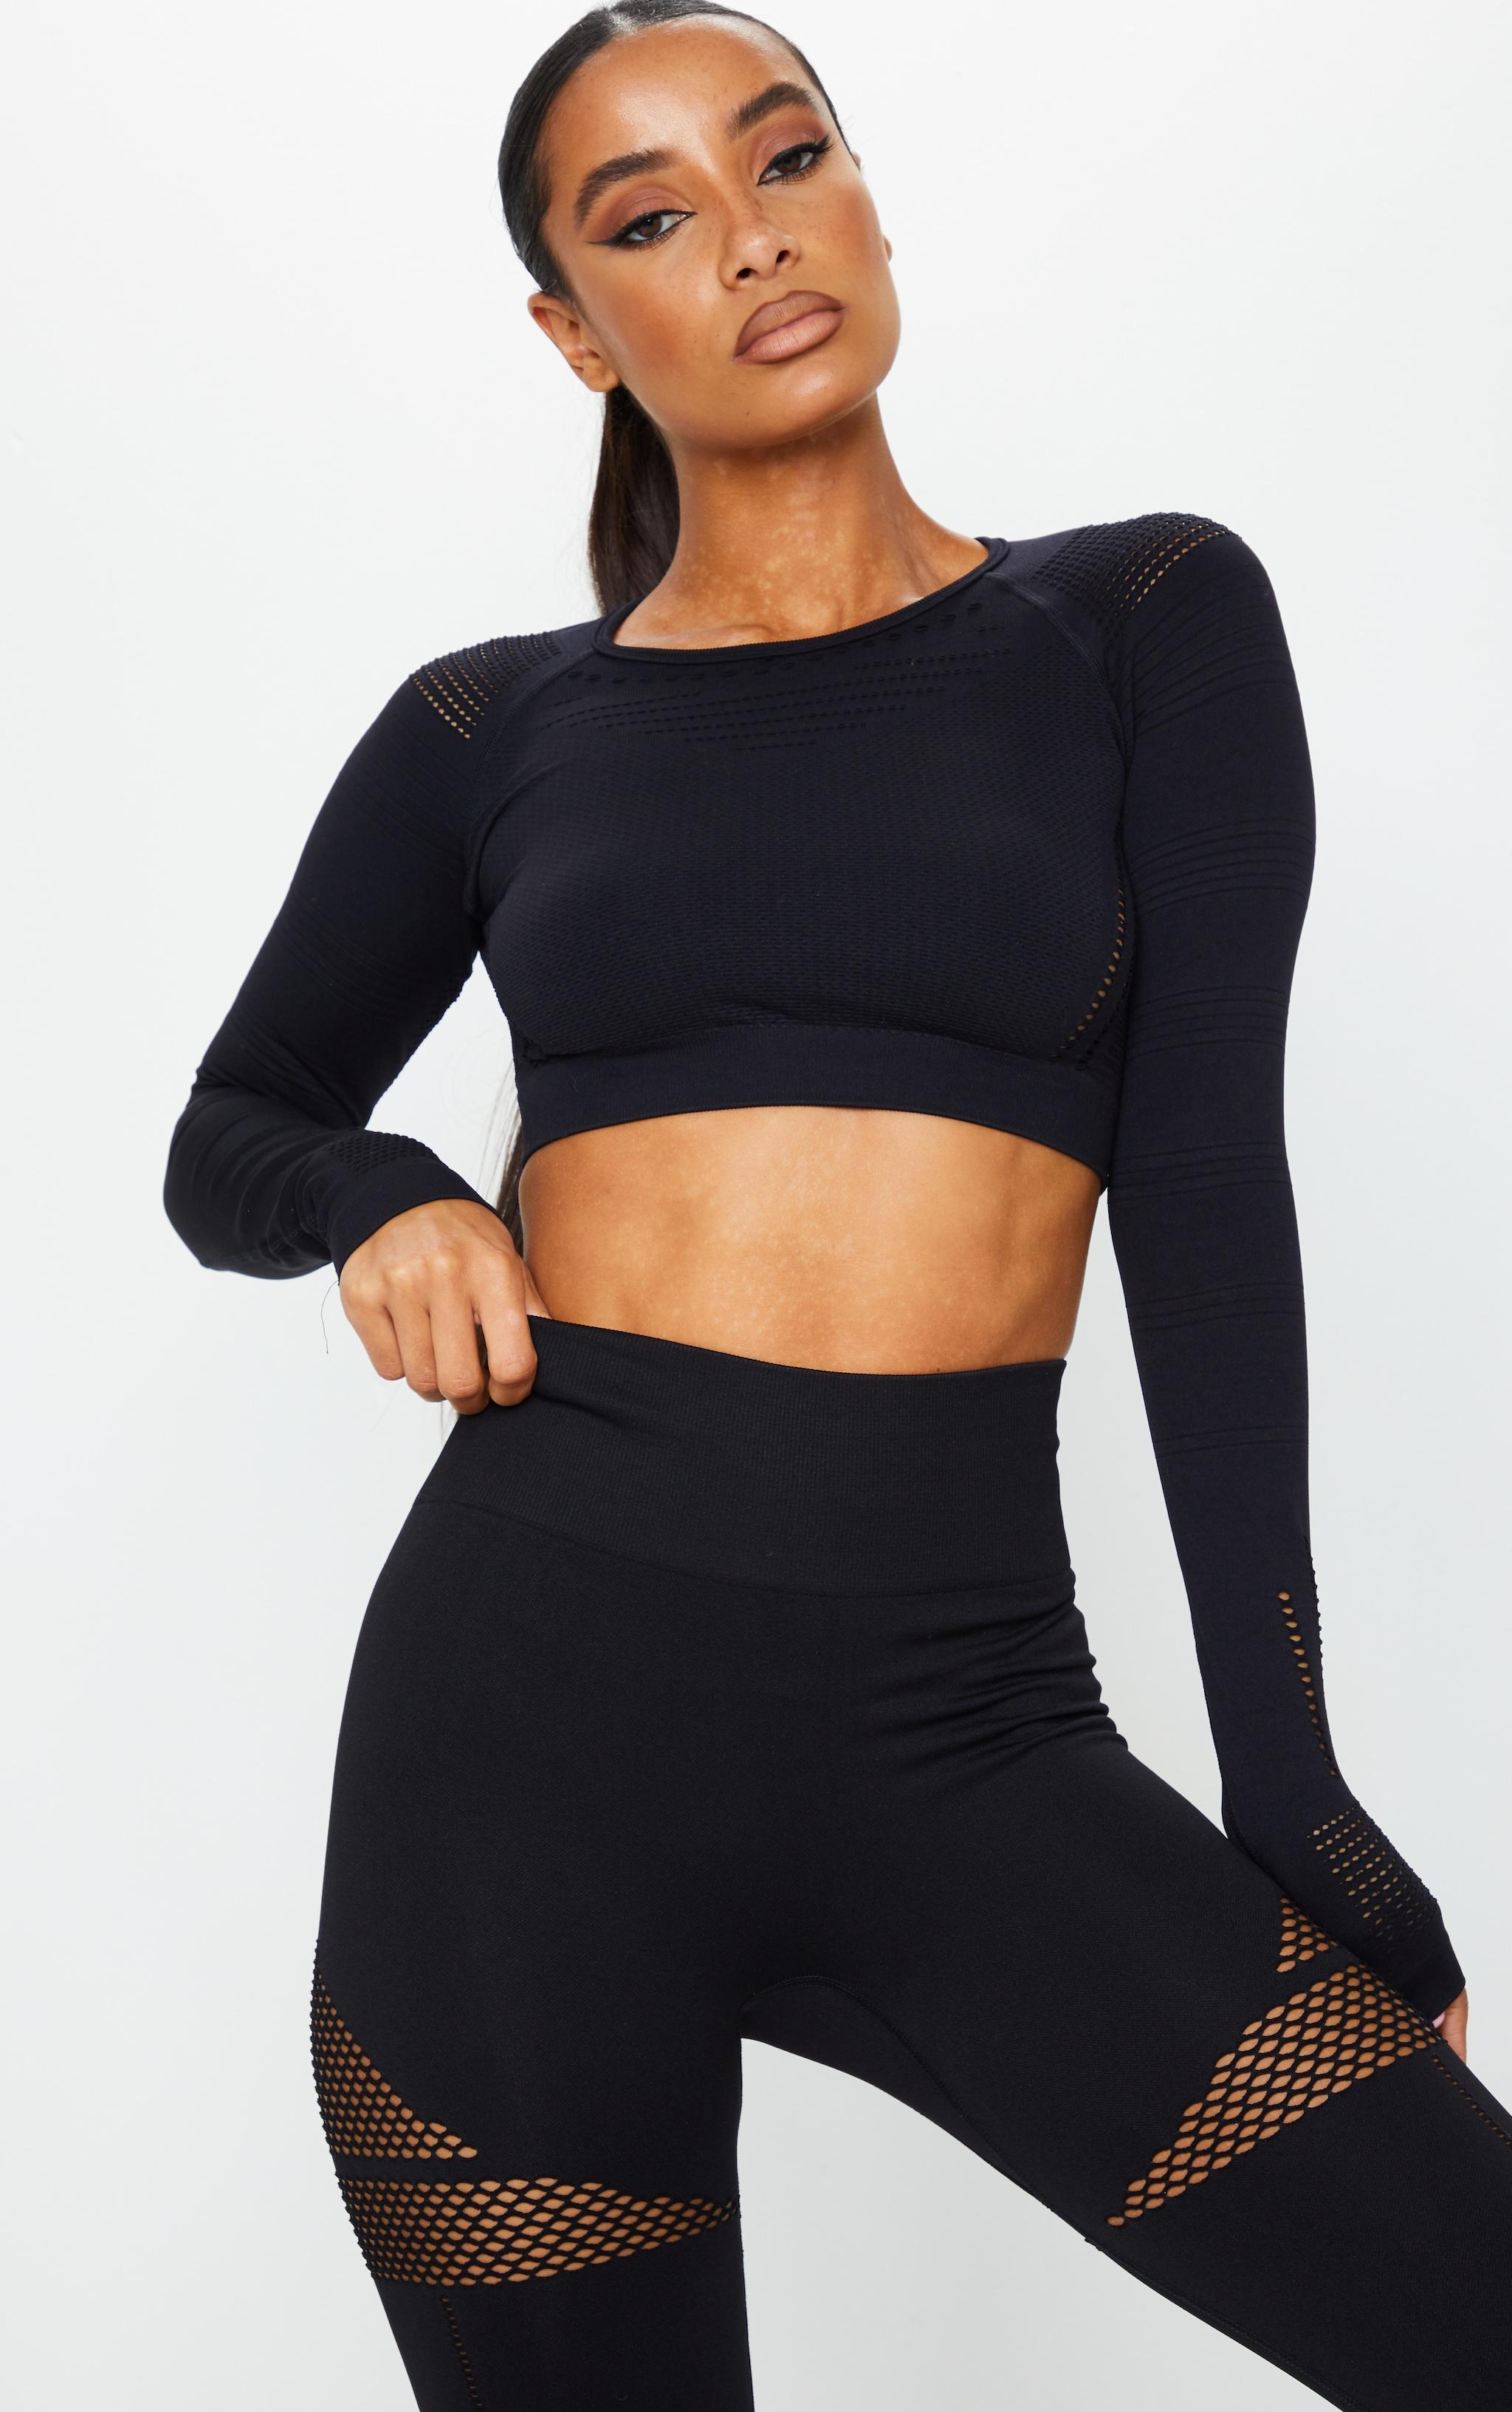 PRETTYLITTLETHING  - Top de sport noir découpé à manches longues sans coutures 1